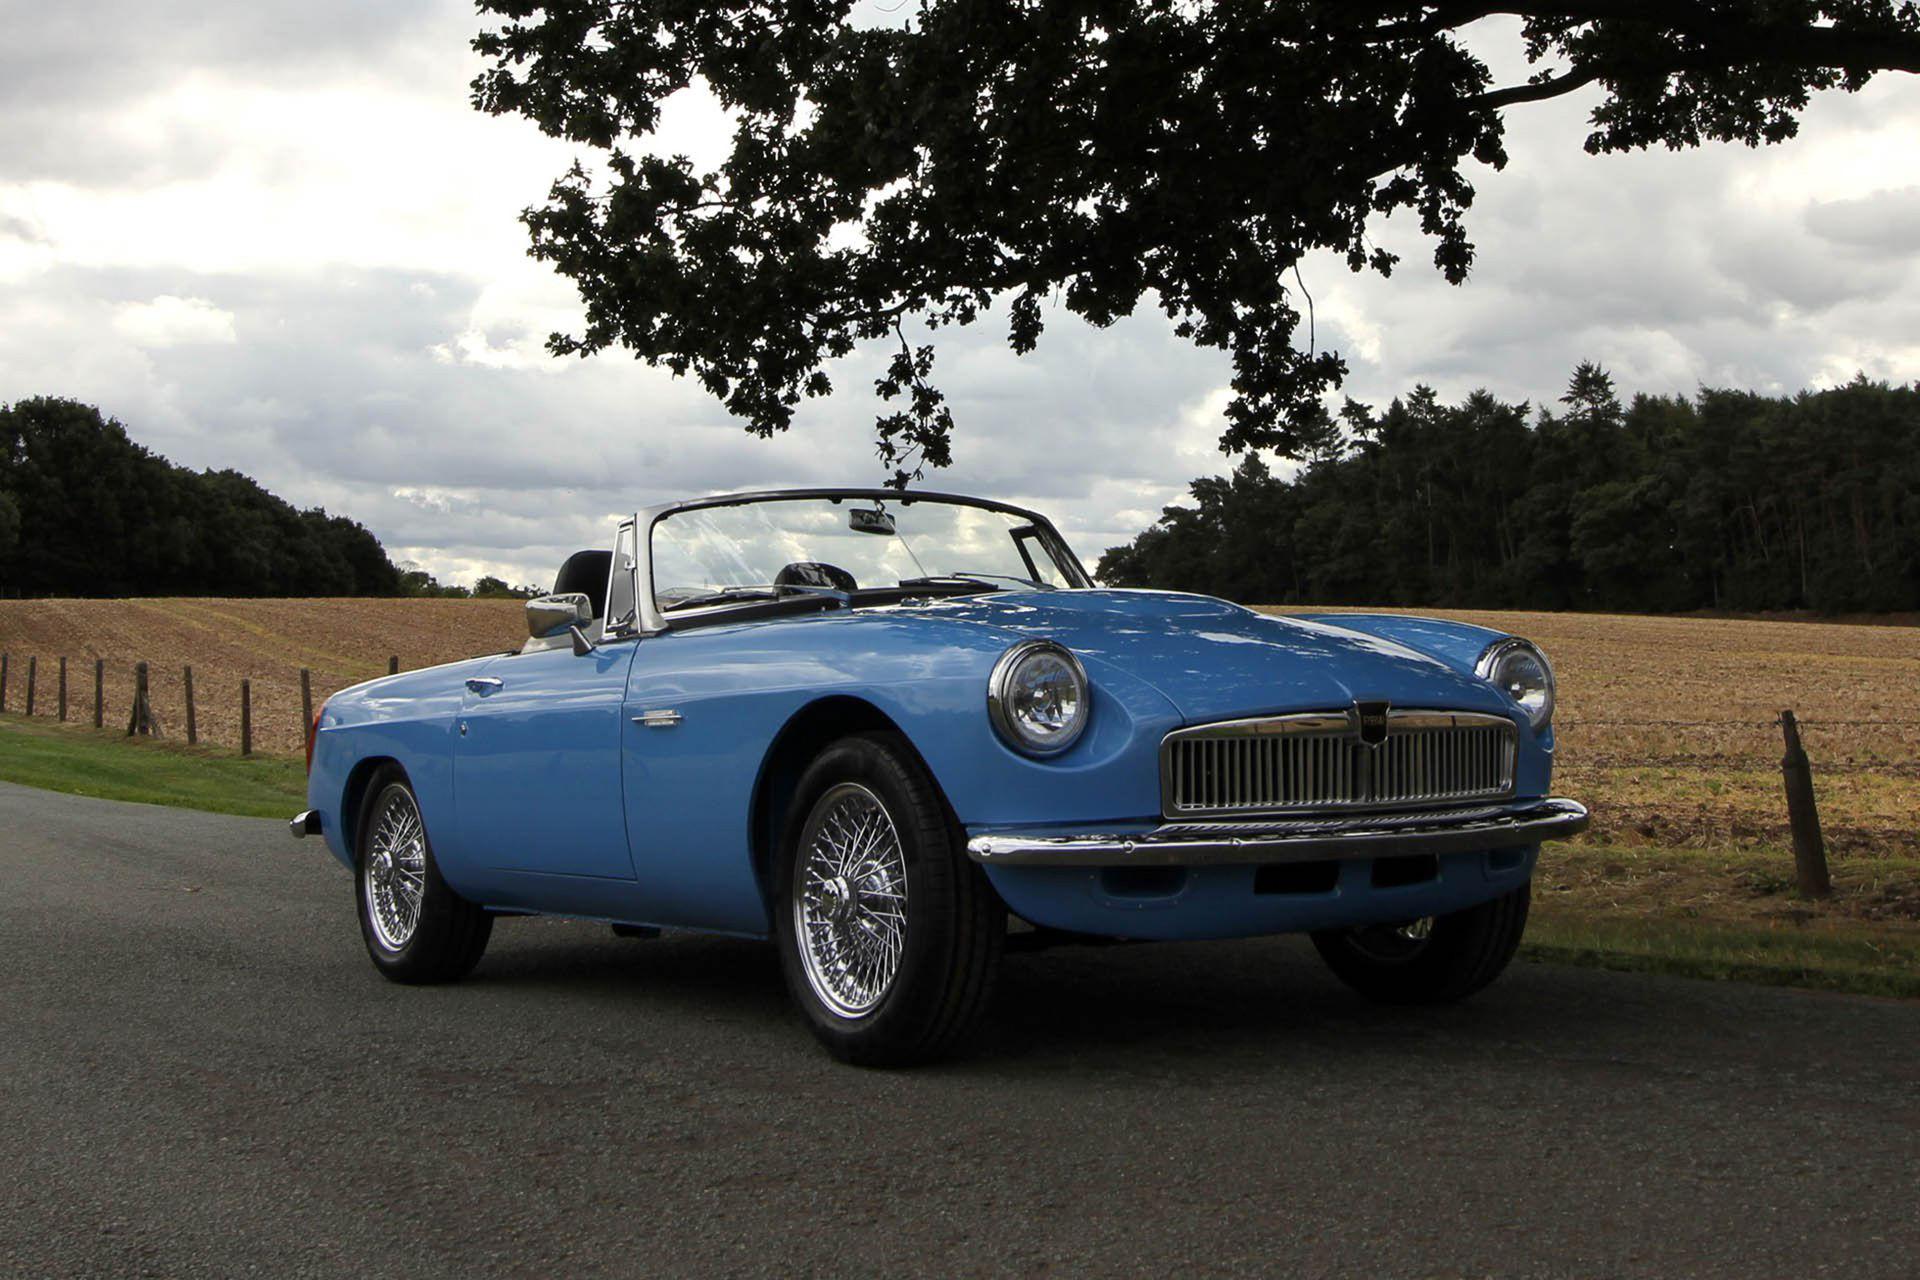 För 116.000 pund får du en eldriven MG Roadster